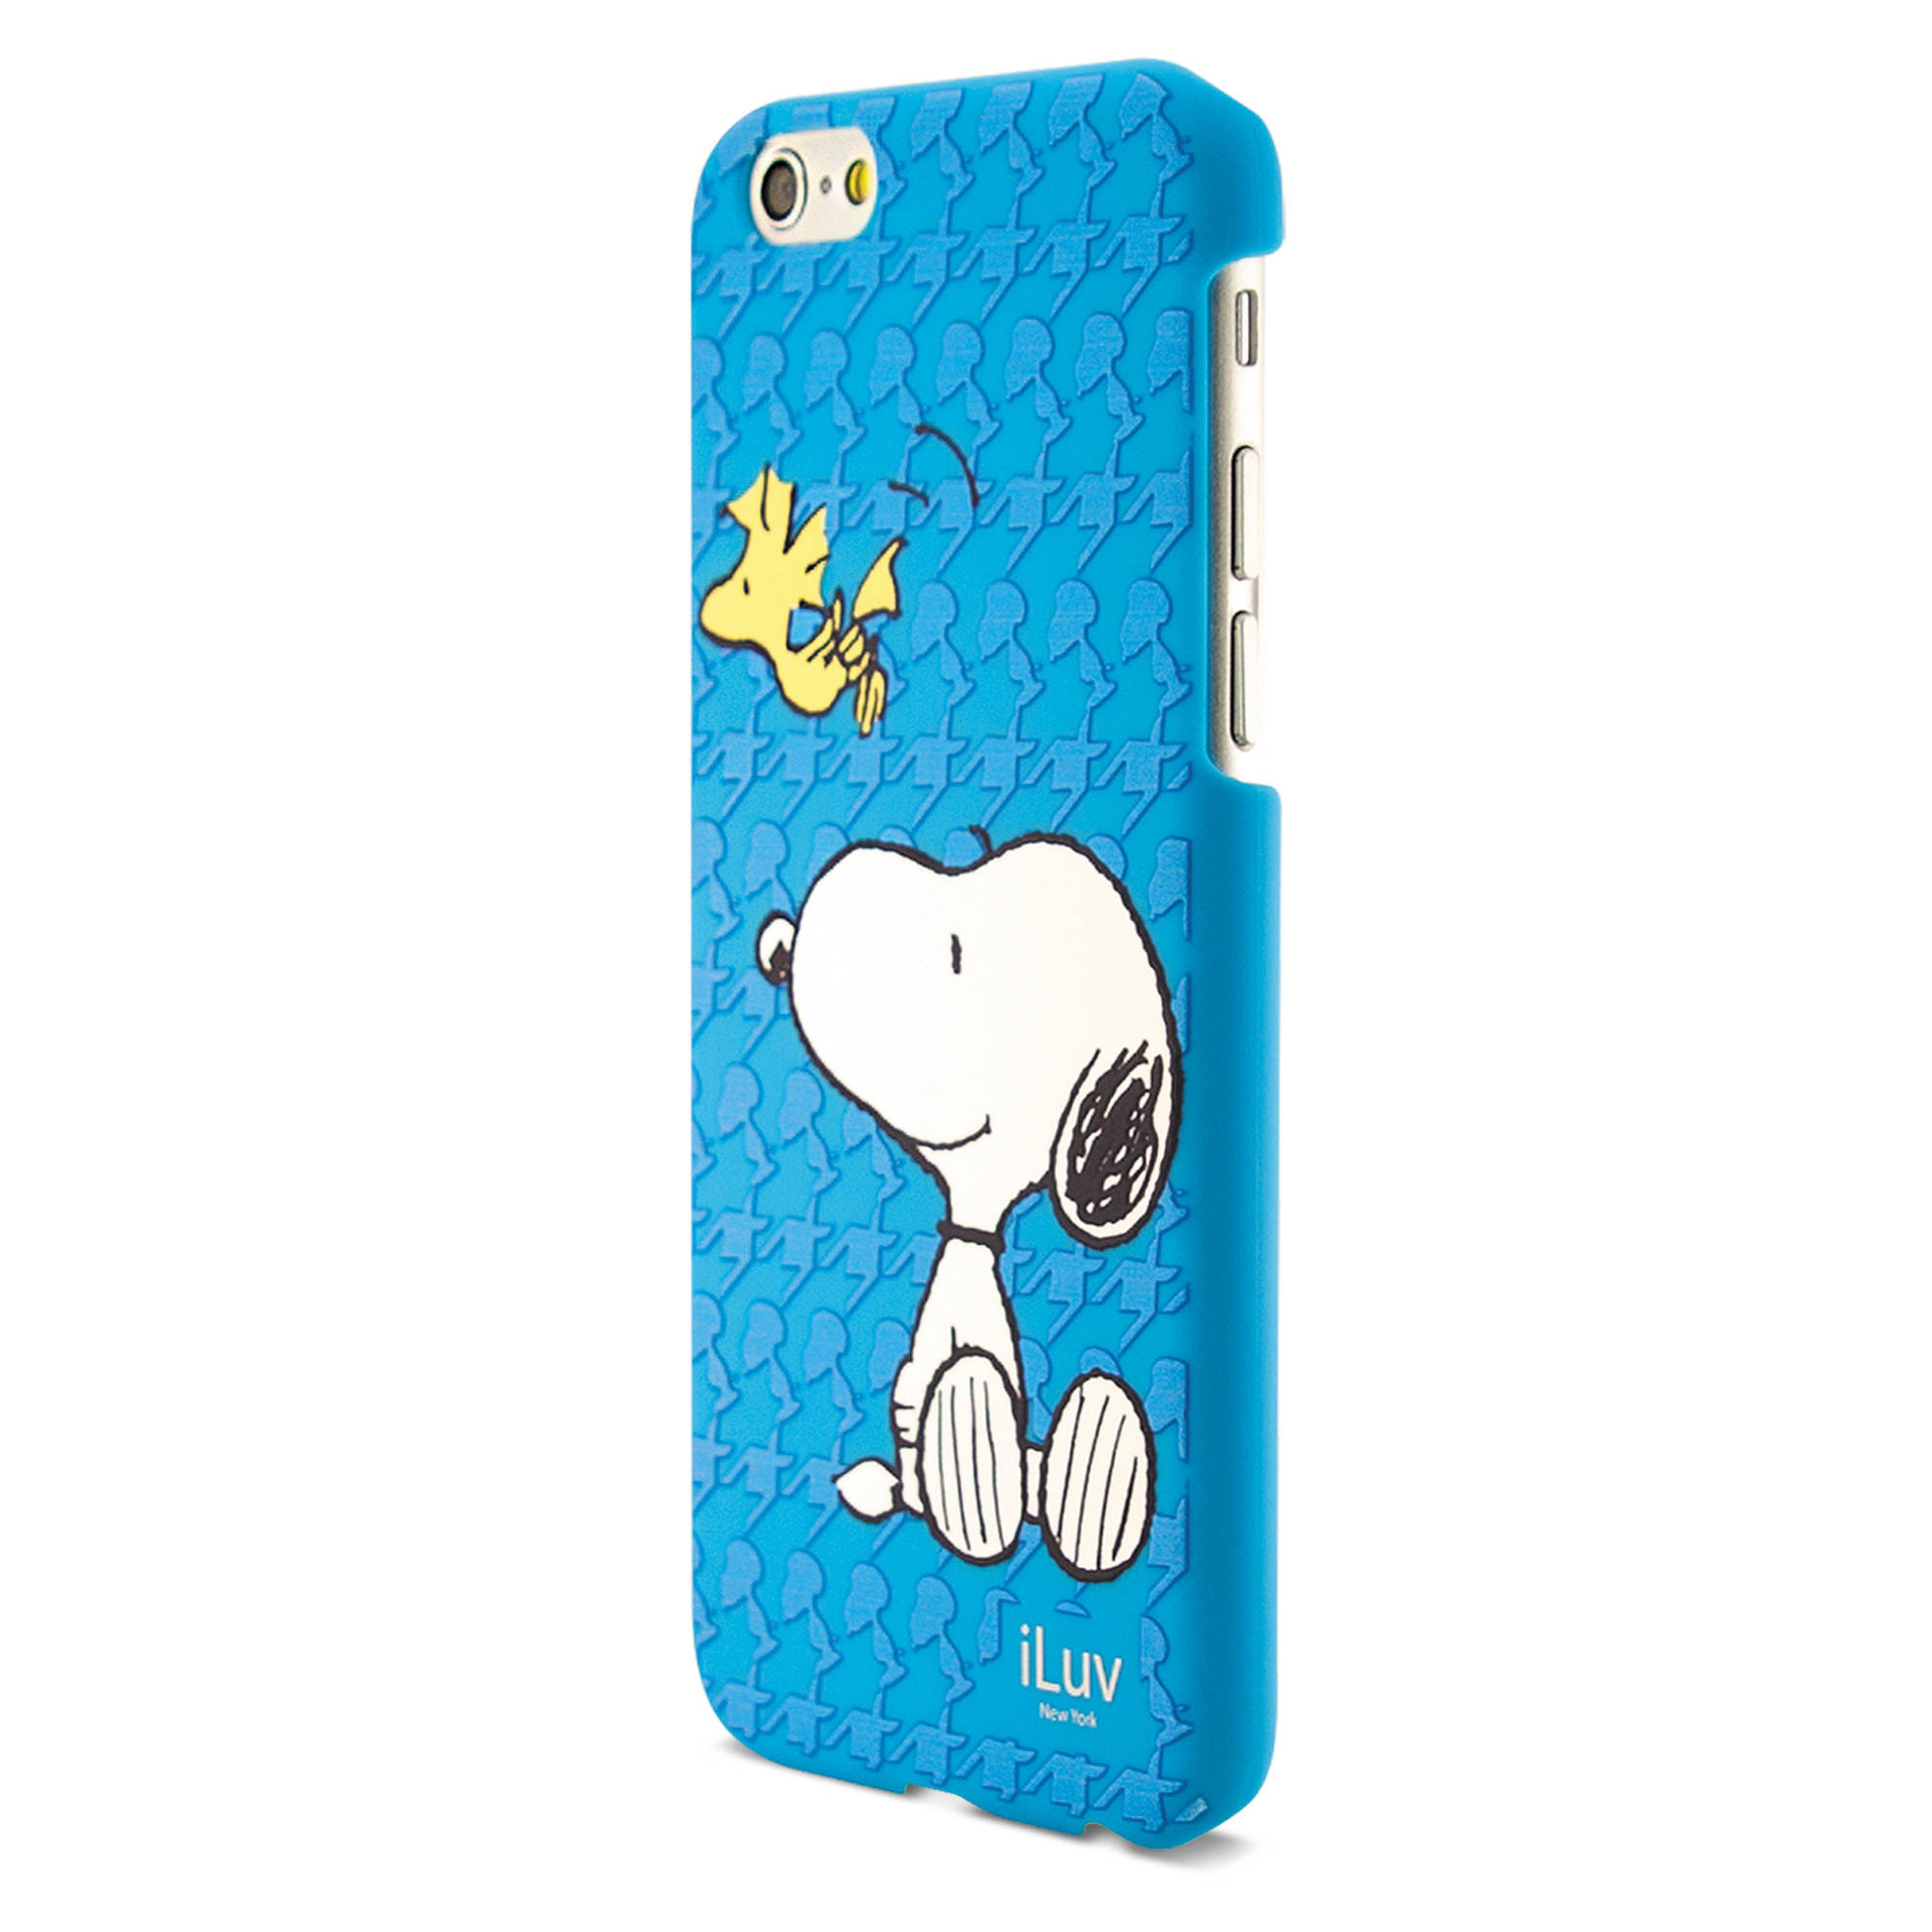 iLuv Snoopy Series